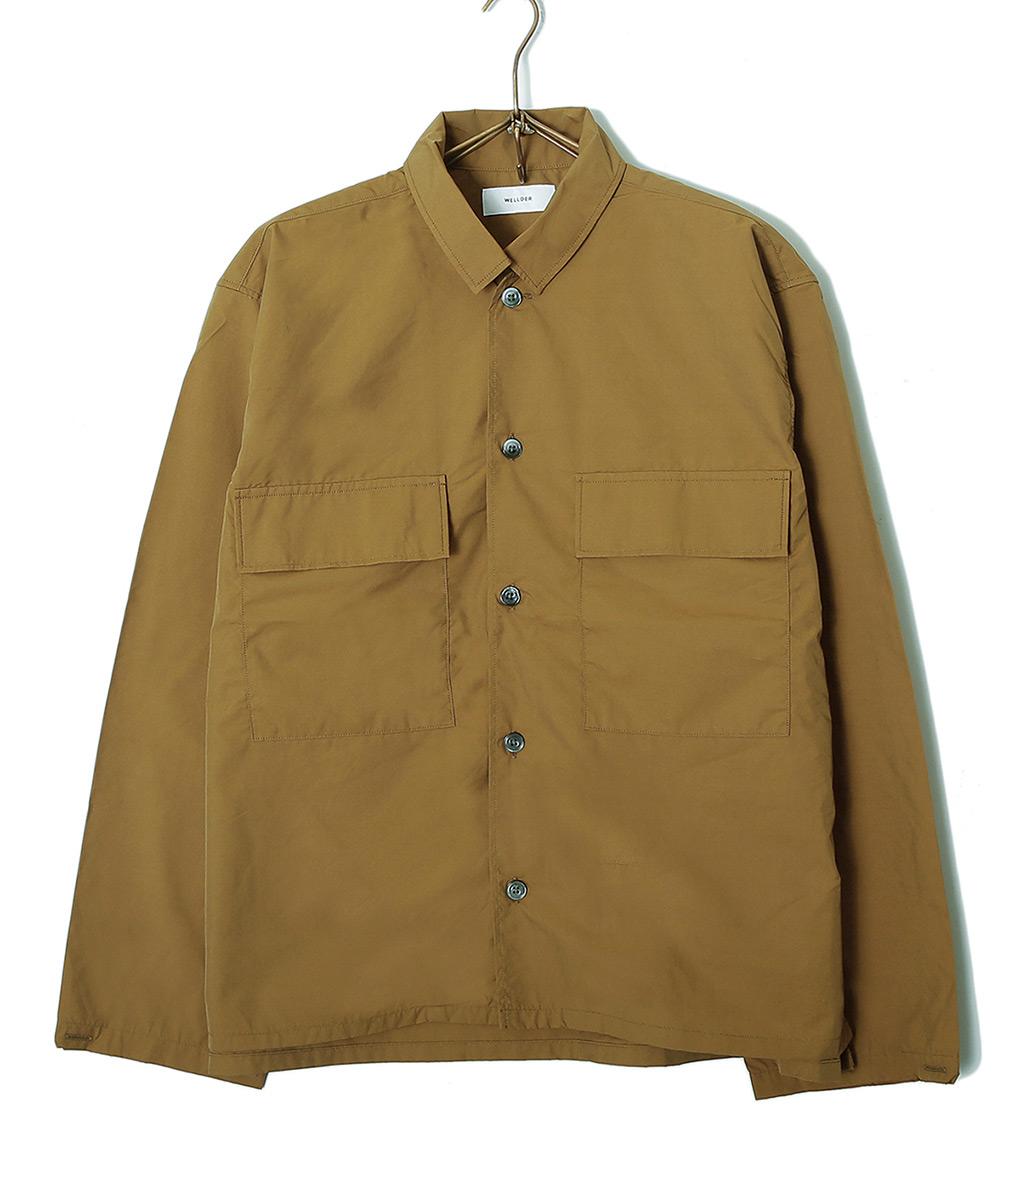 WELLDER / ウェルダー : Flap Pocket Shirt / : ウェルダー フラップ ポケット シャツ : WM19SSH05-bjb 【BJB】